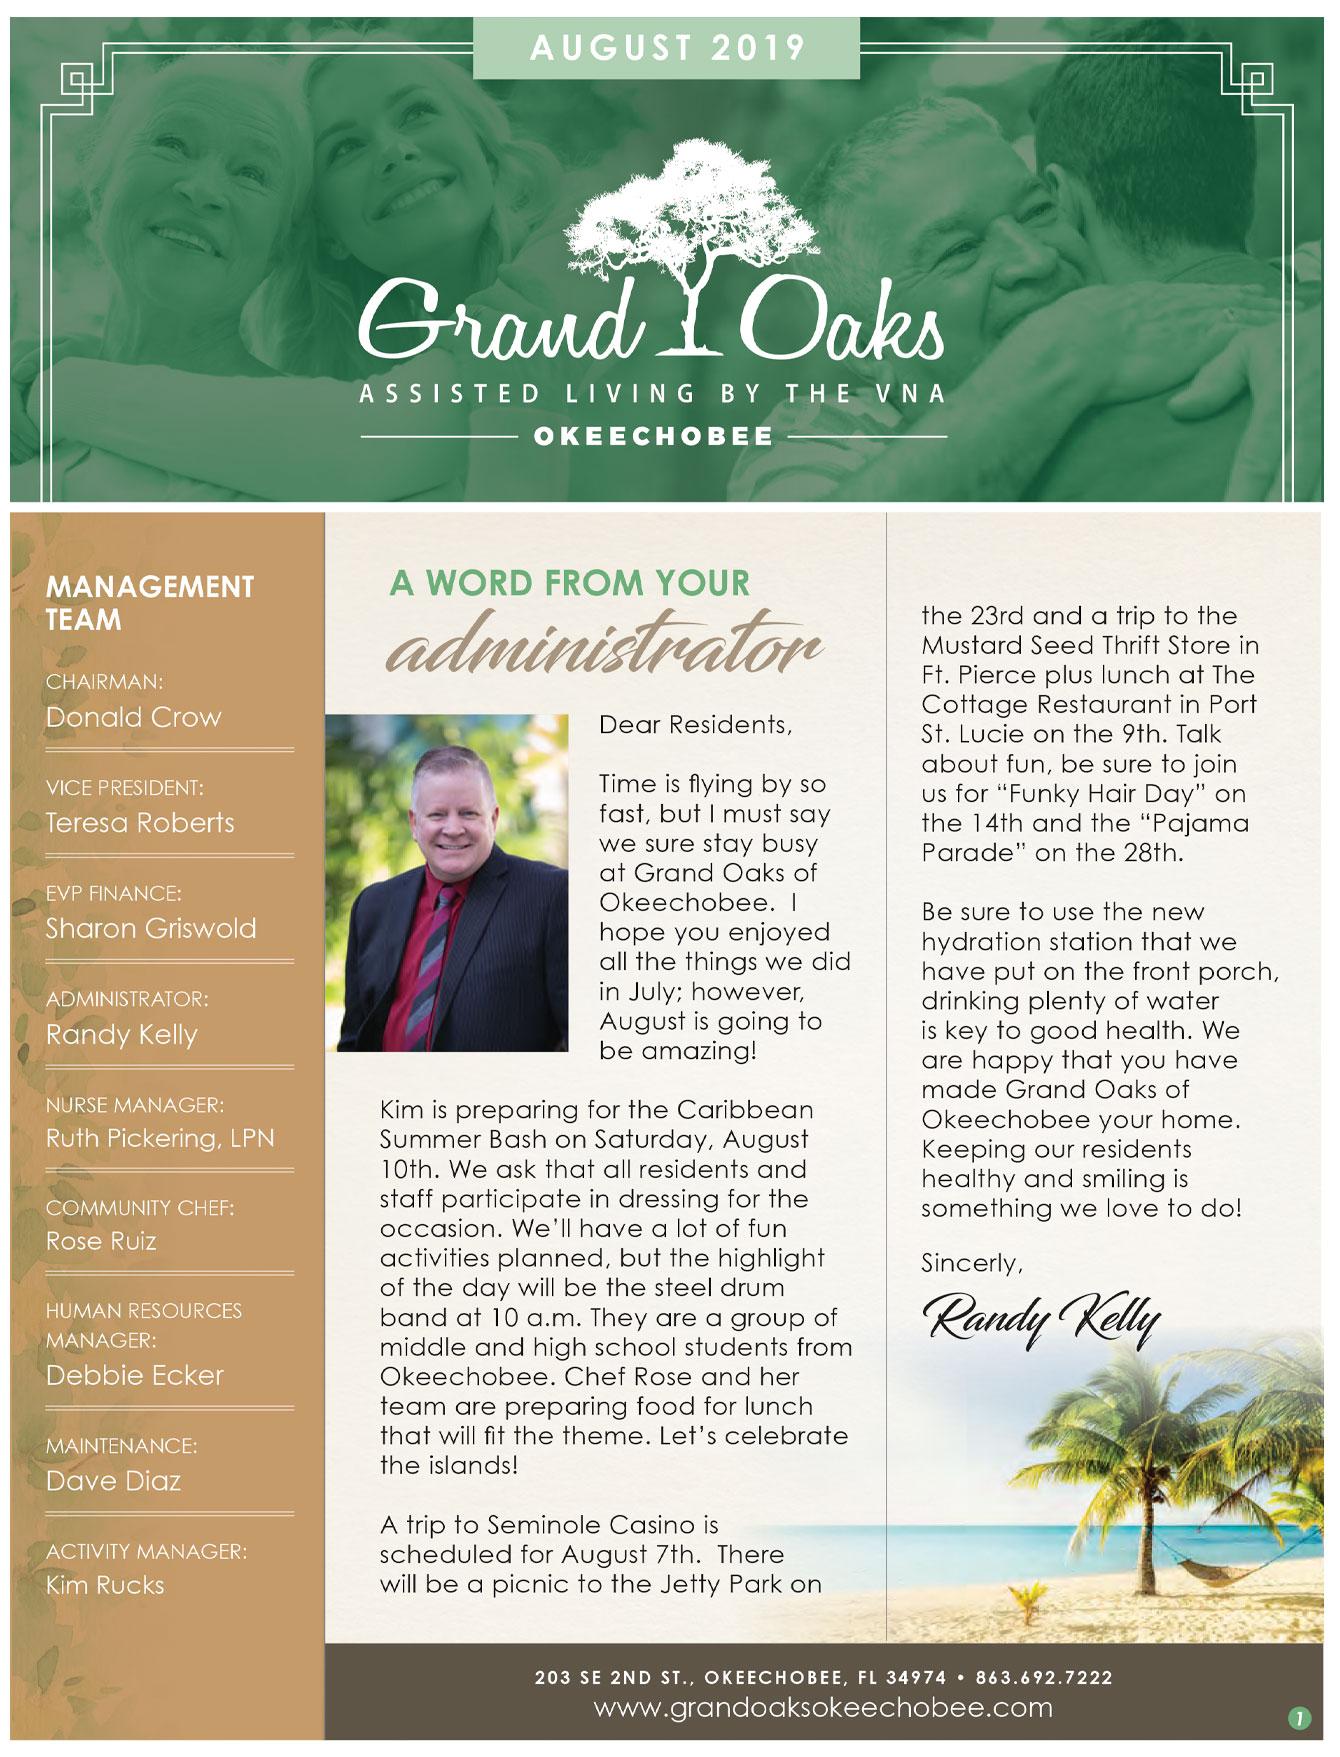 Grand Oaks of Okeechobee Newsletter